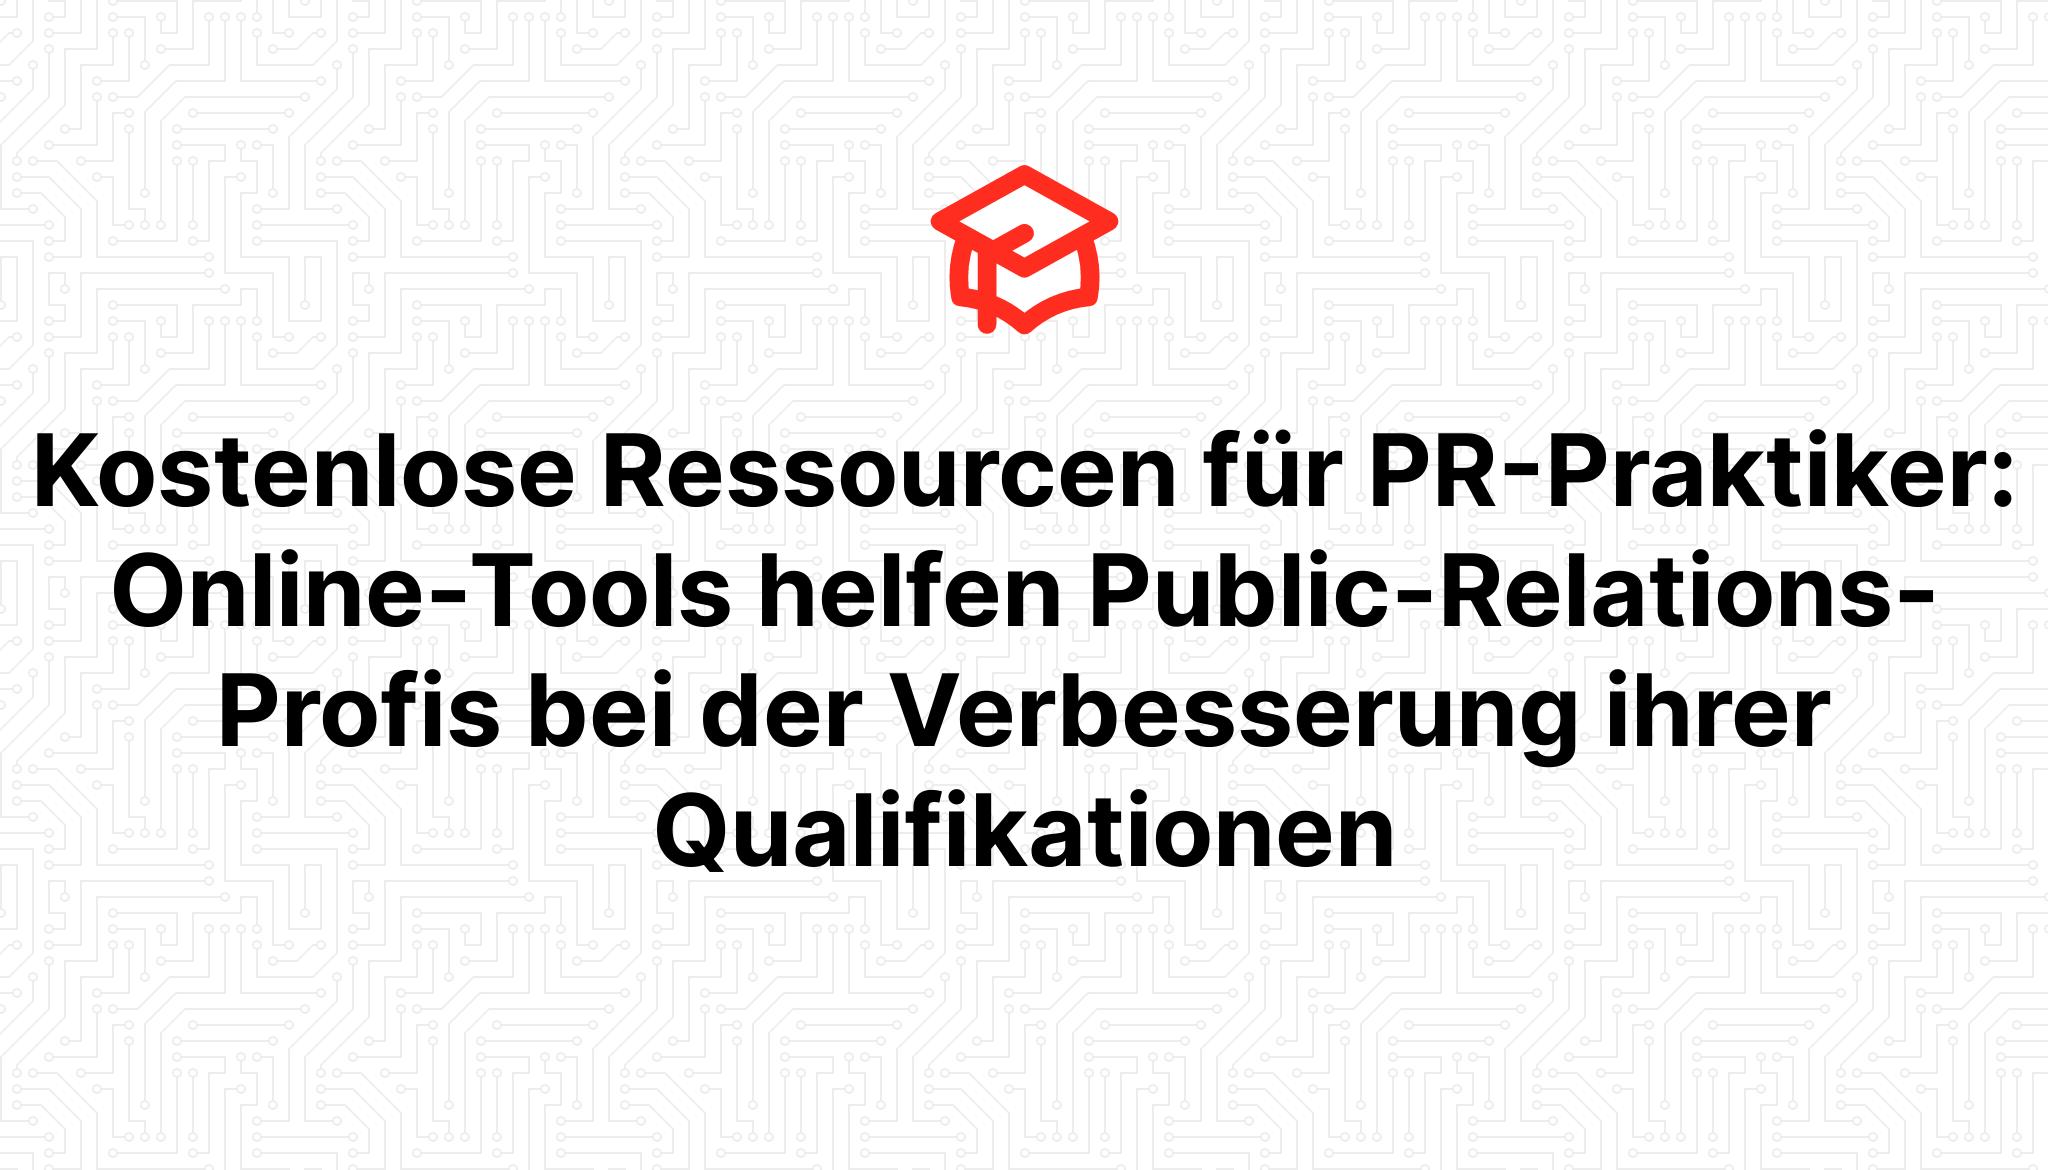 Kostenlose Ressourcen für PR-Praktiker: Online-Tools helfen Public-Relations-Profis bei der Verbesserung ihrer Qualifikationen